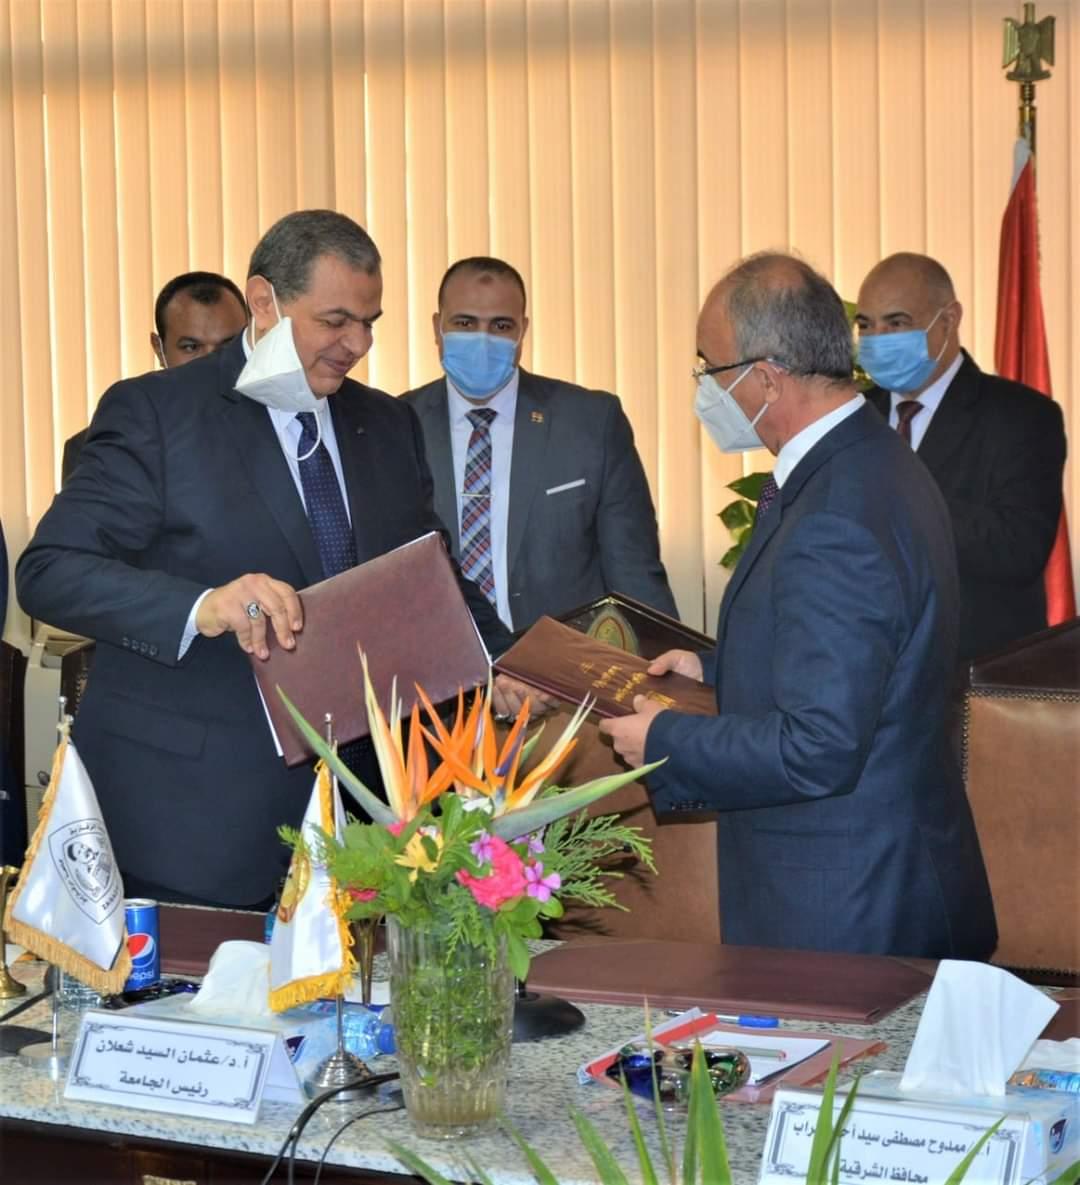 جامعة الزقازيق توقع بروتوكول تعاون مع وزارة القوى العاملة